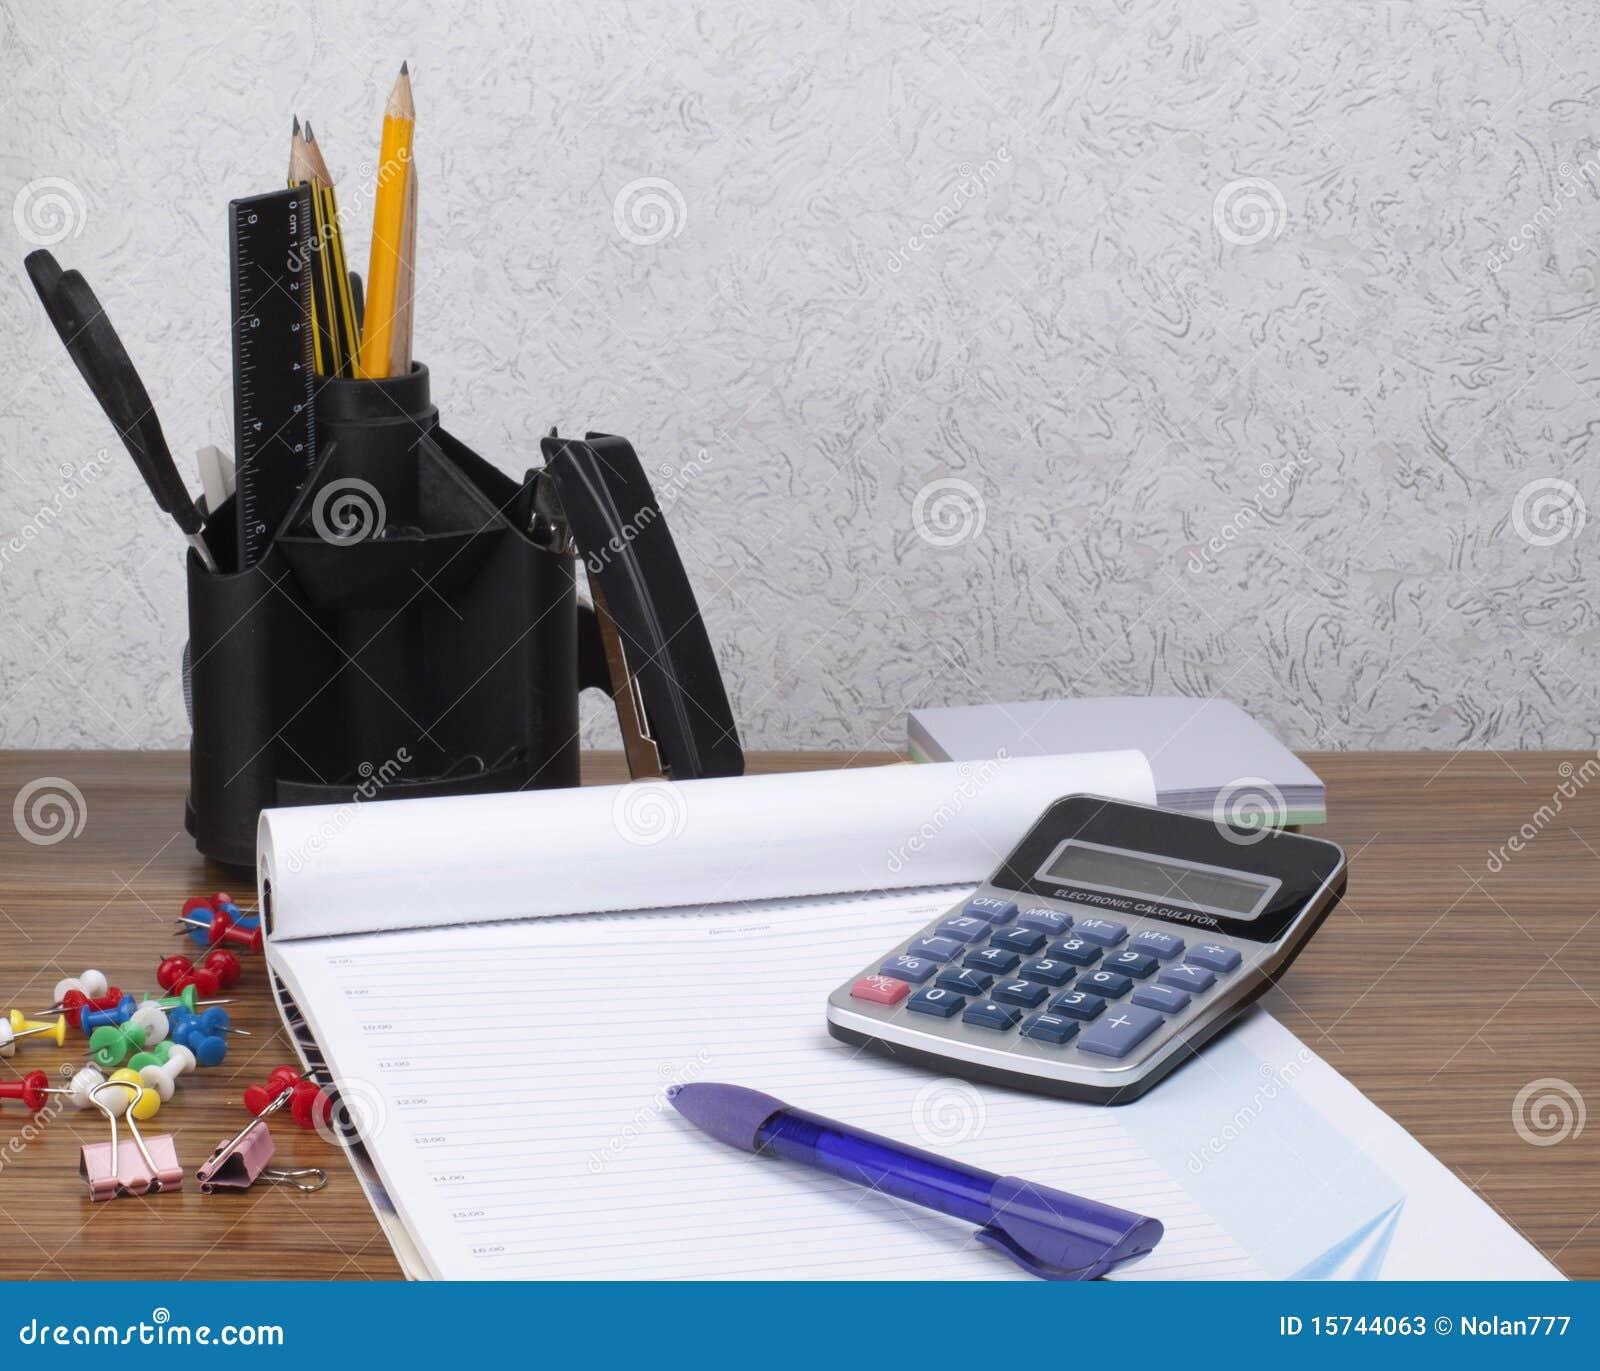 organisateur de bureau avec des outils de bureau image stock image du knowledge ruler 15744063. Black Bedroom Furniture Sets. Home Design Ideas